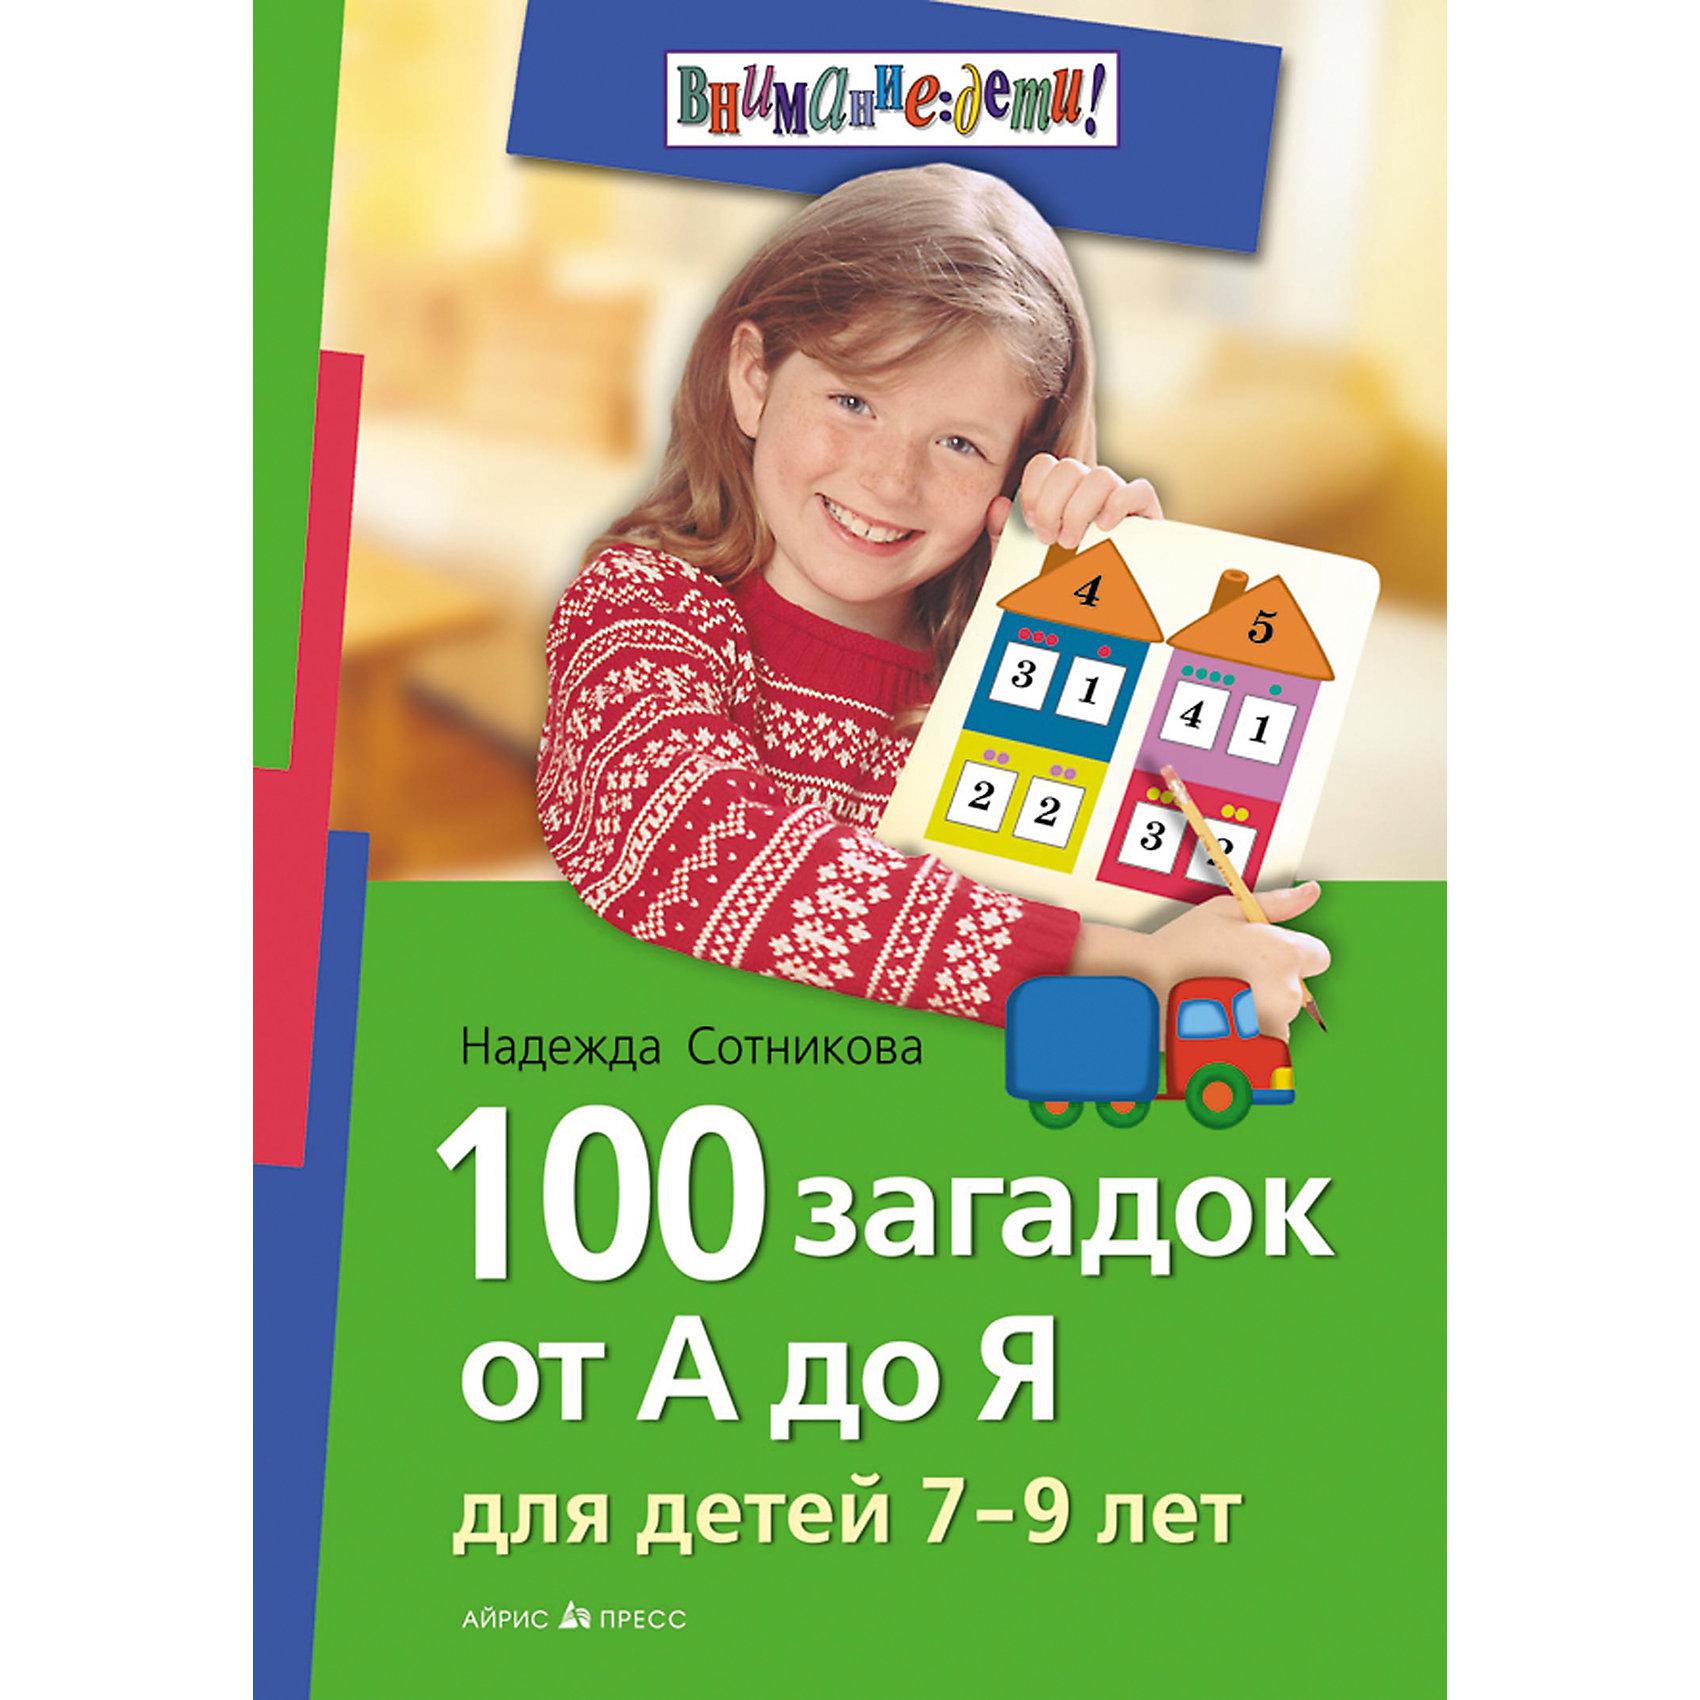 100 загадок от А до Я. Для детей 7-9 лет, Сотникова Н.А.Викторины и ребусы<br>Все дети любят загадки. Они помогают ребёнку по-новому взглянуть на знакомые предметы и явления. В книге представлено около 100 стихотворных загадок, каждая из которых сопровождается рисунком-головоломкой и полем со специальными клеточками, куда ребёнок может вписать правильный ответ. Таким образом, у детей одновременно закрепляются навыки чтения и письма, развиваются внимание и сообразительность. Адресовано детям 7-9 лет, их родителям, учителям начальной школы.<br><br>Ширина мм: 5<br>Глубина мм: 165<br>Высота мм: 235<br>Вес г: 156<br>Возраст от месяцев: 84<br>Возраст до месяцев: 108<br>Пол: Унисекс<br>Возраст: Детский<br>SKU: 6849662